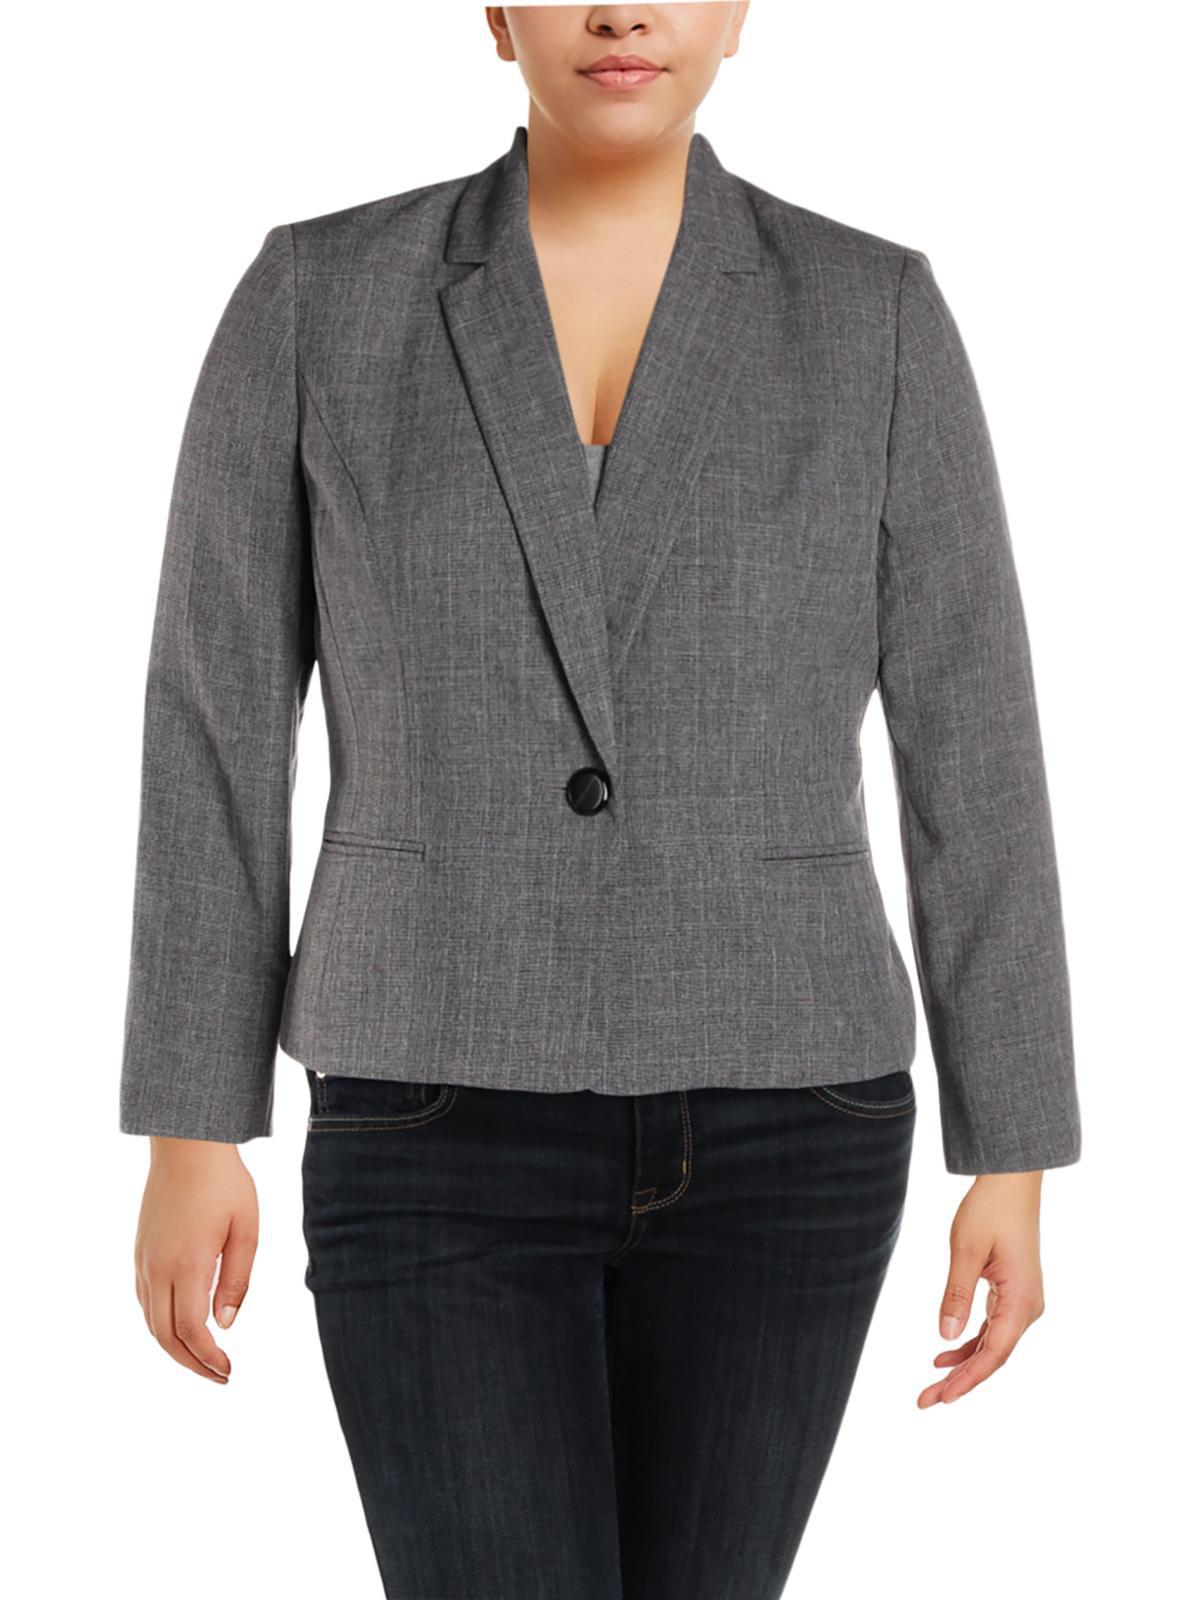 Le Suit Womens Petites Plaid Office One-Button Blazer Gray 14P